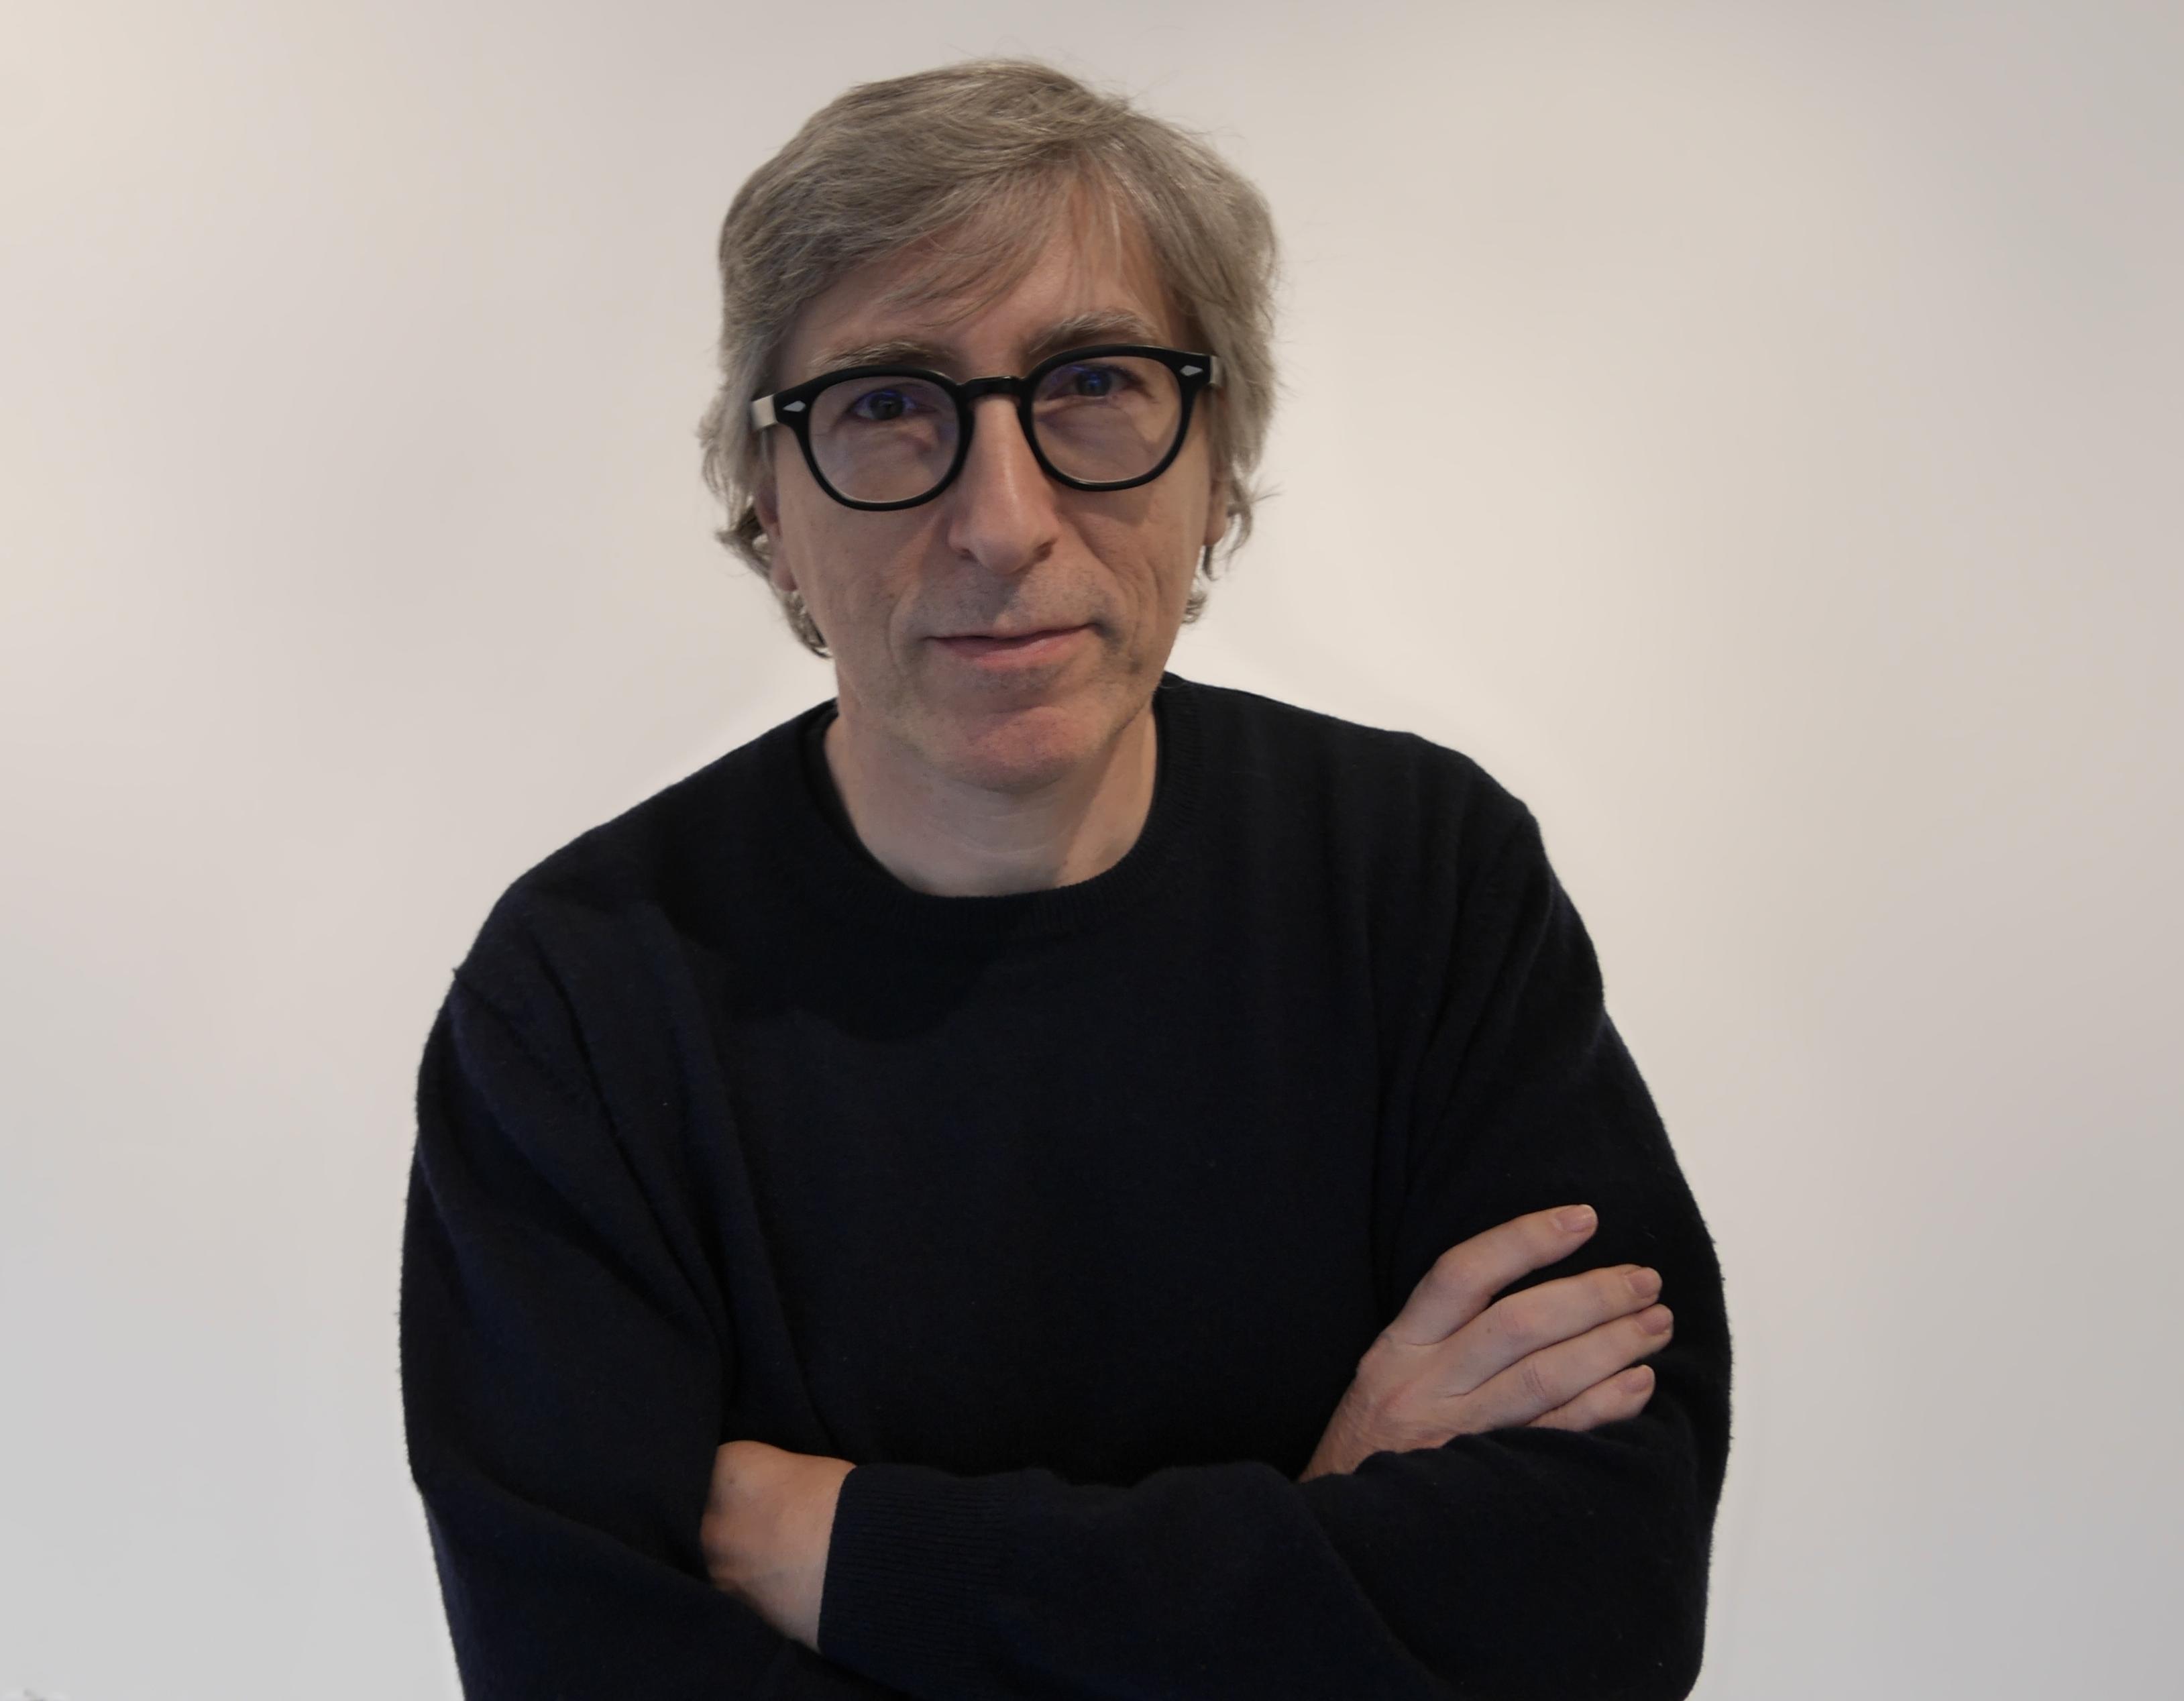 L'avenir est pour les médias qui sont économiquement les plus rentables: les médias numériques, explique le réalisateur, écrivain et journaliste espagnol David Trueba